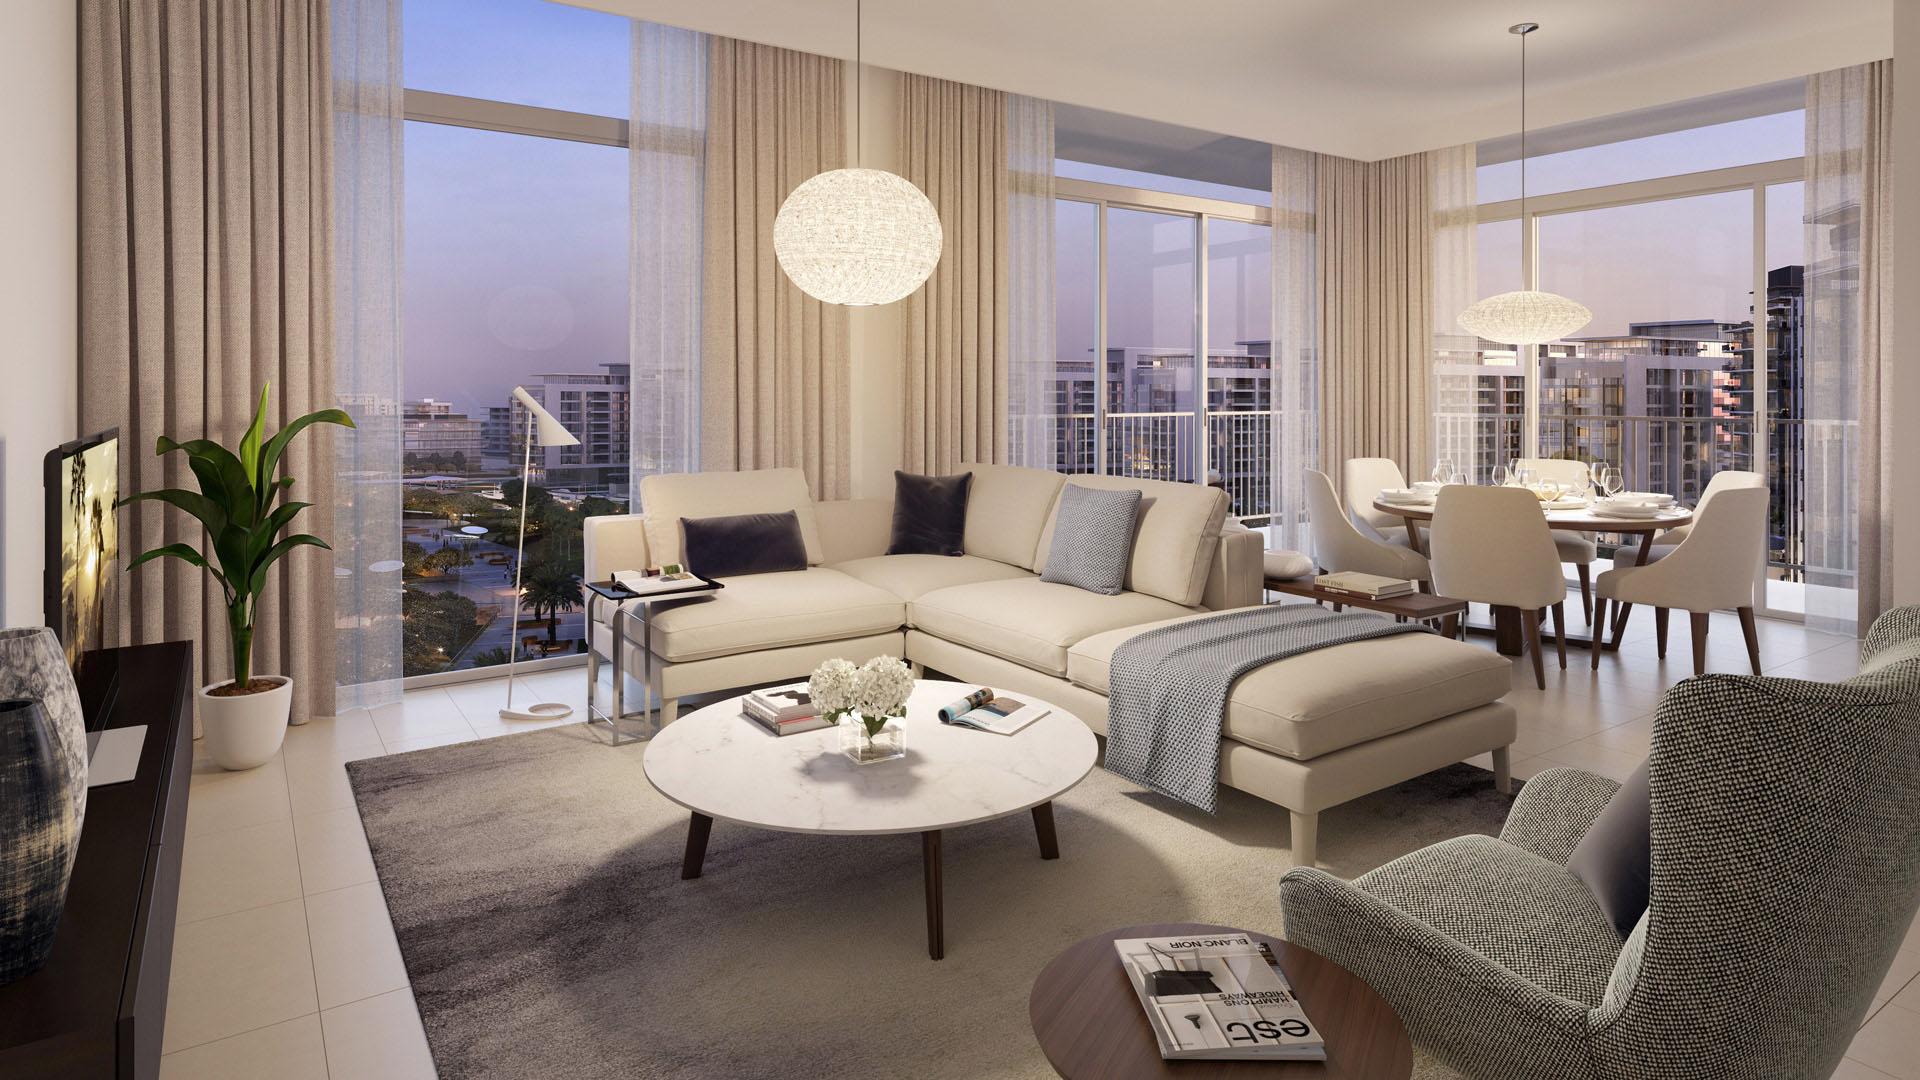 Apartamento en venta en Dubai, EAU, 3 dormitorios, 144 m2, № 23899 – foto 1